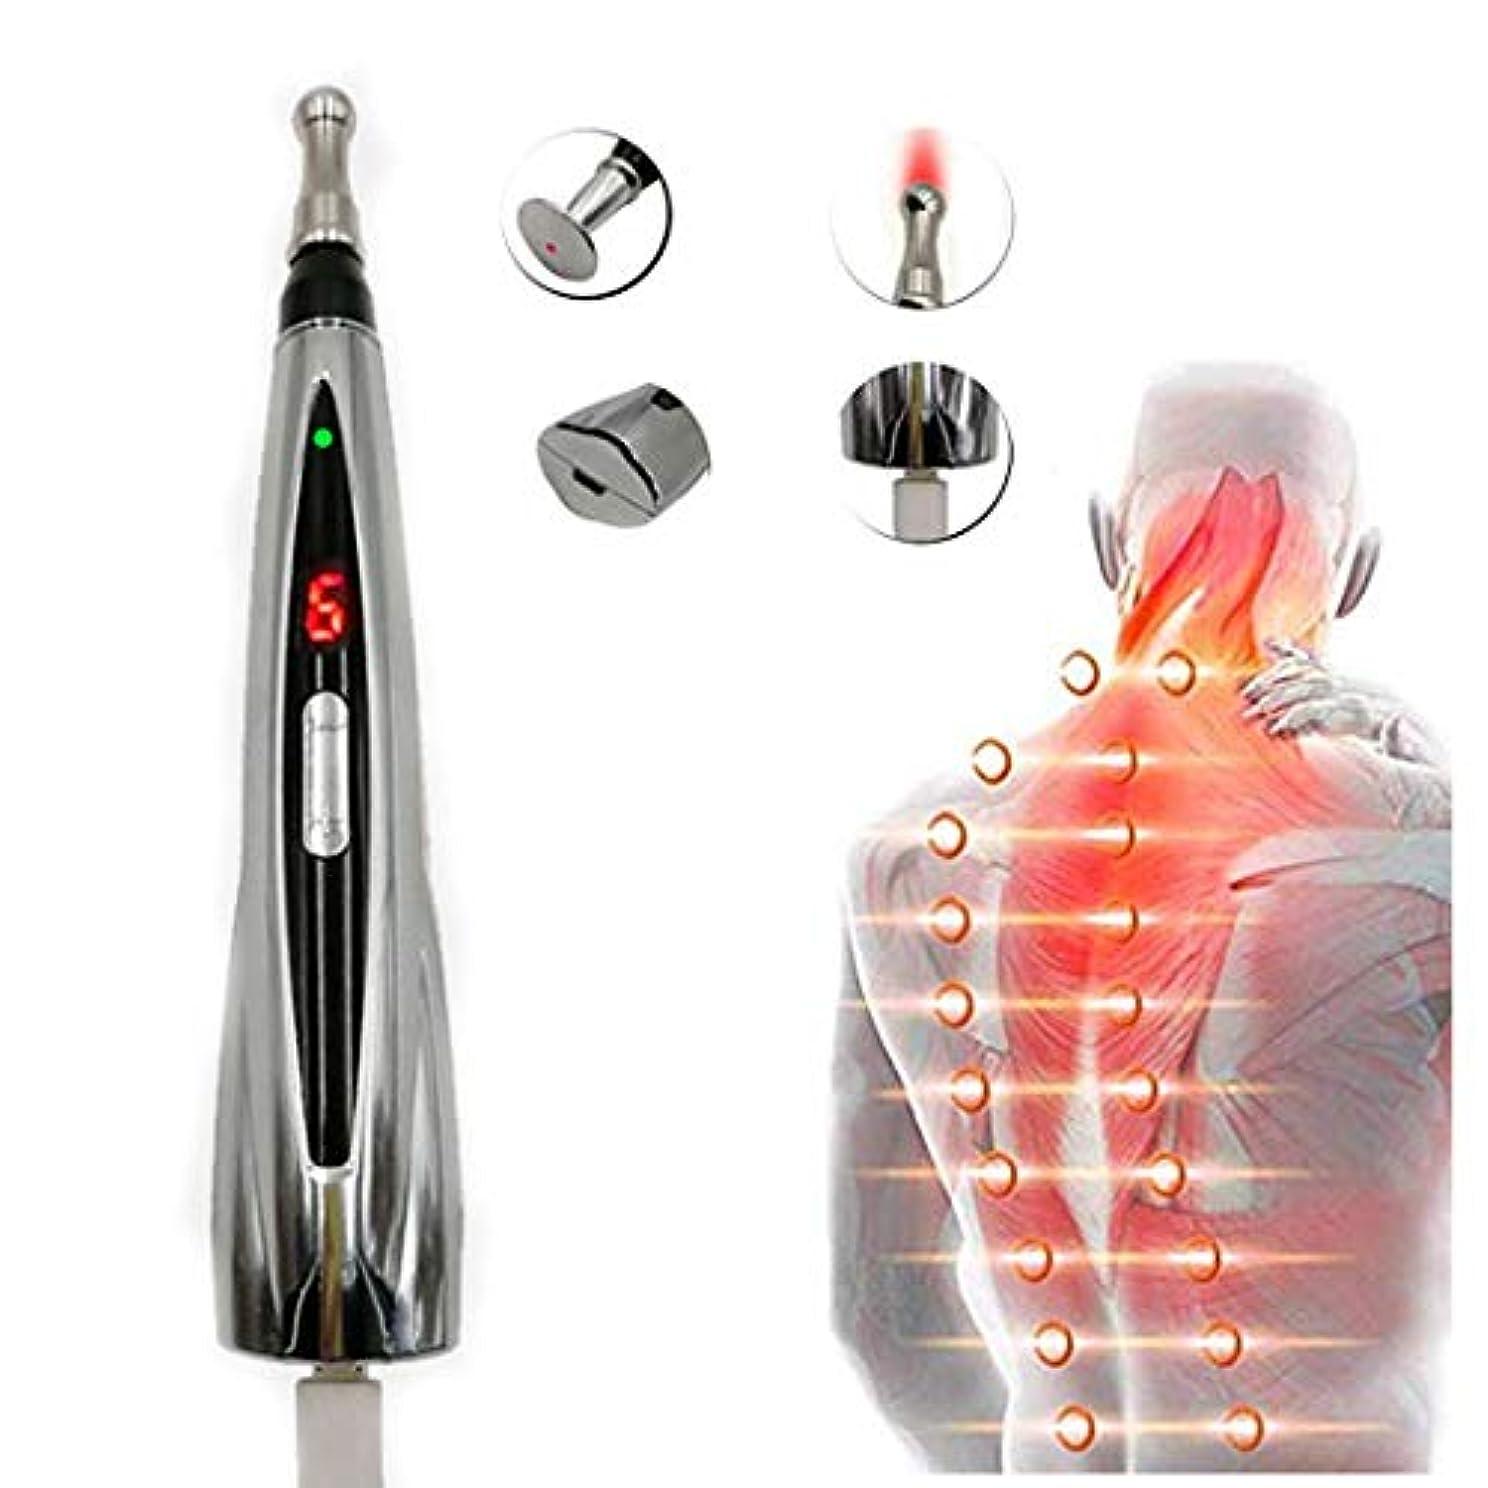 ソファー別れる脳電子鍼ペン、USB充電メリディアンペンハンドヘルドマッサージペン3種類のペン痛みストレス緩和のための電子鍼17.5cm * 3cmシルバー